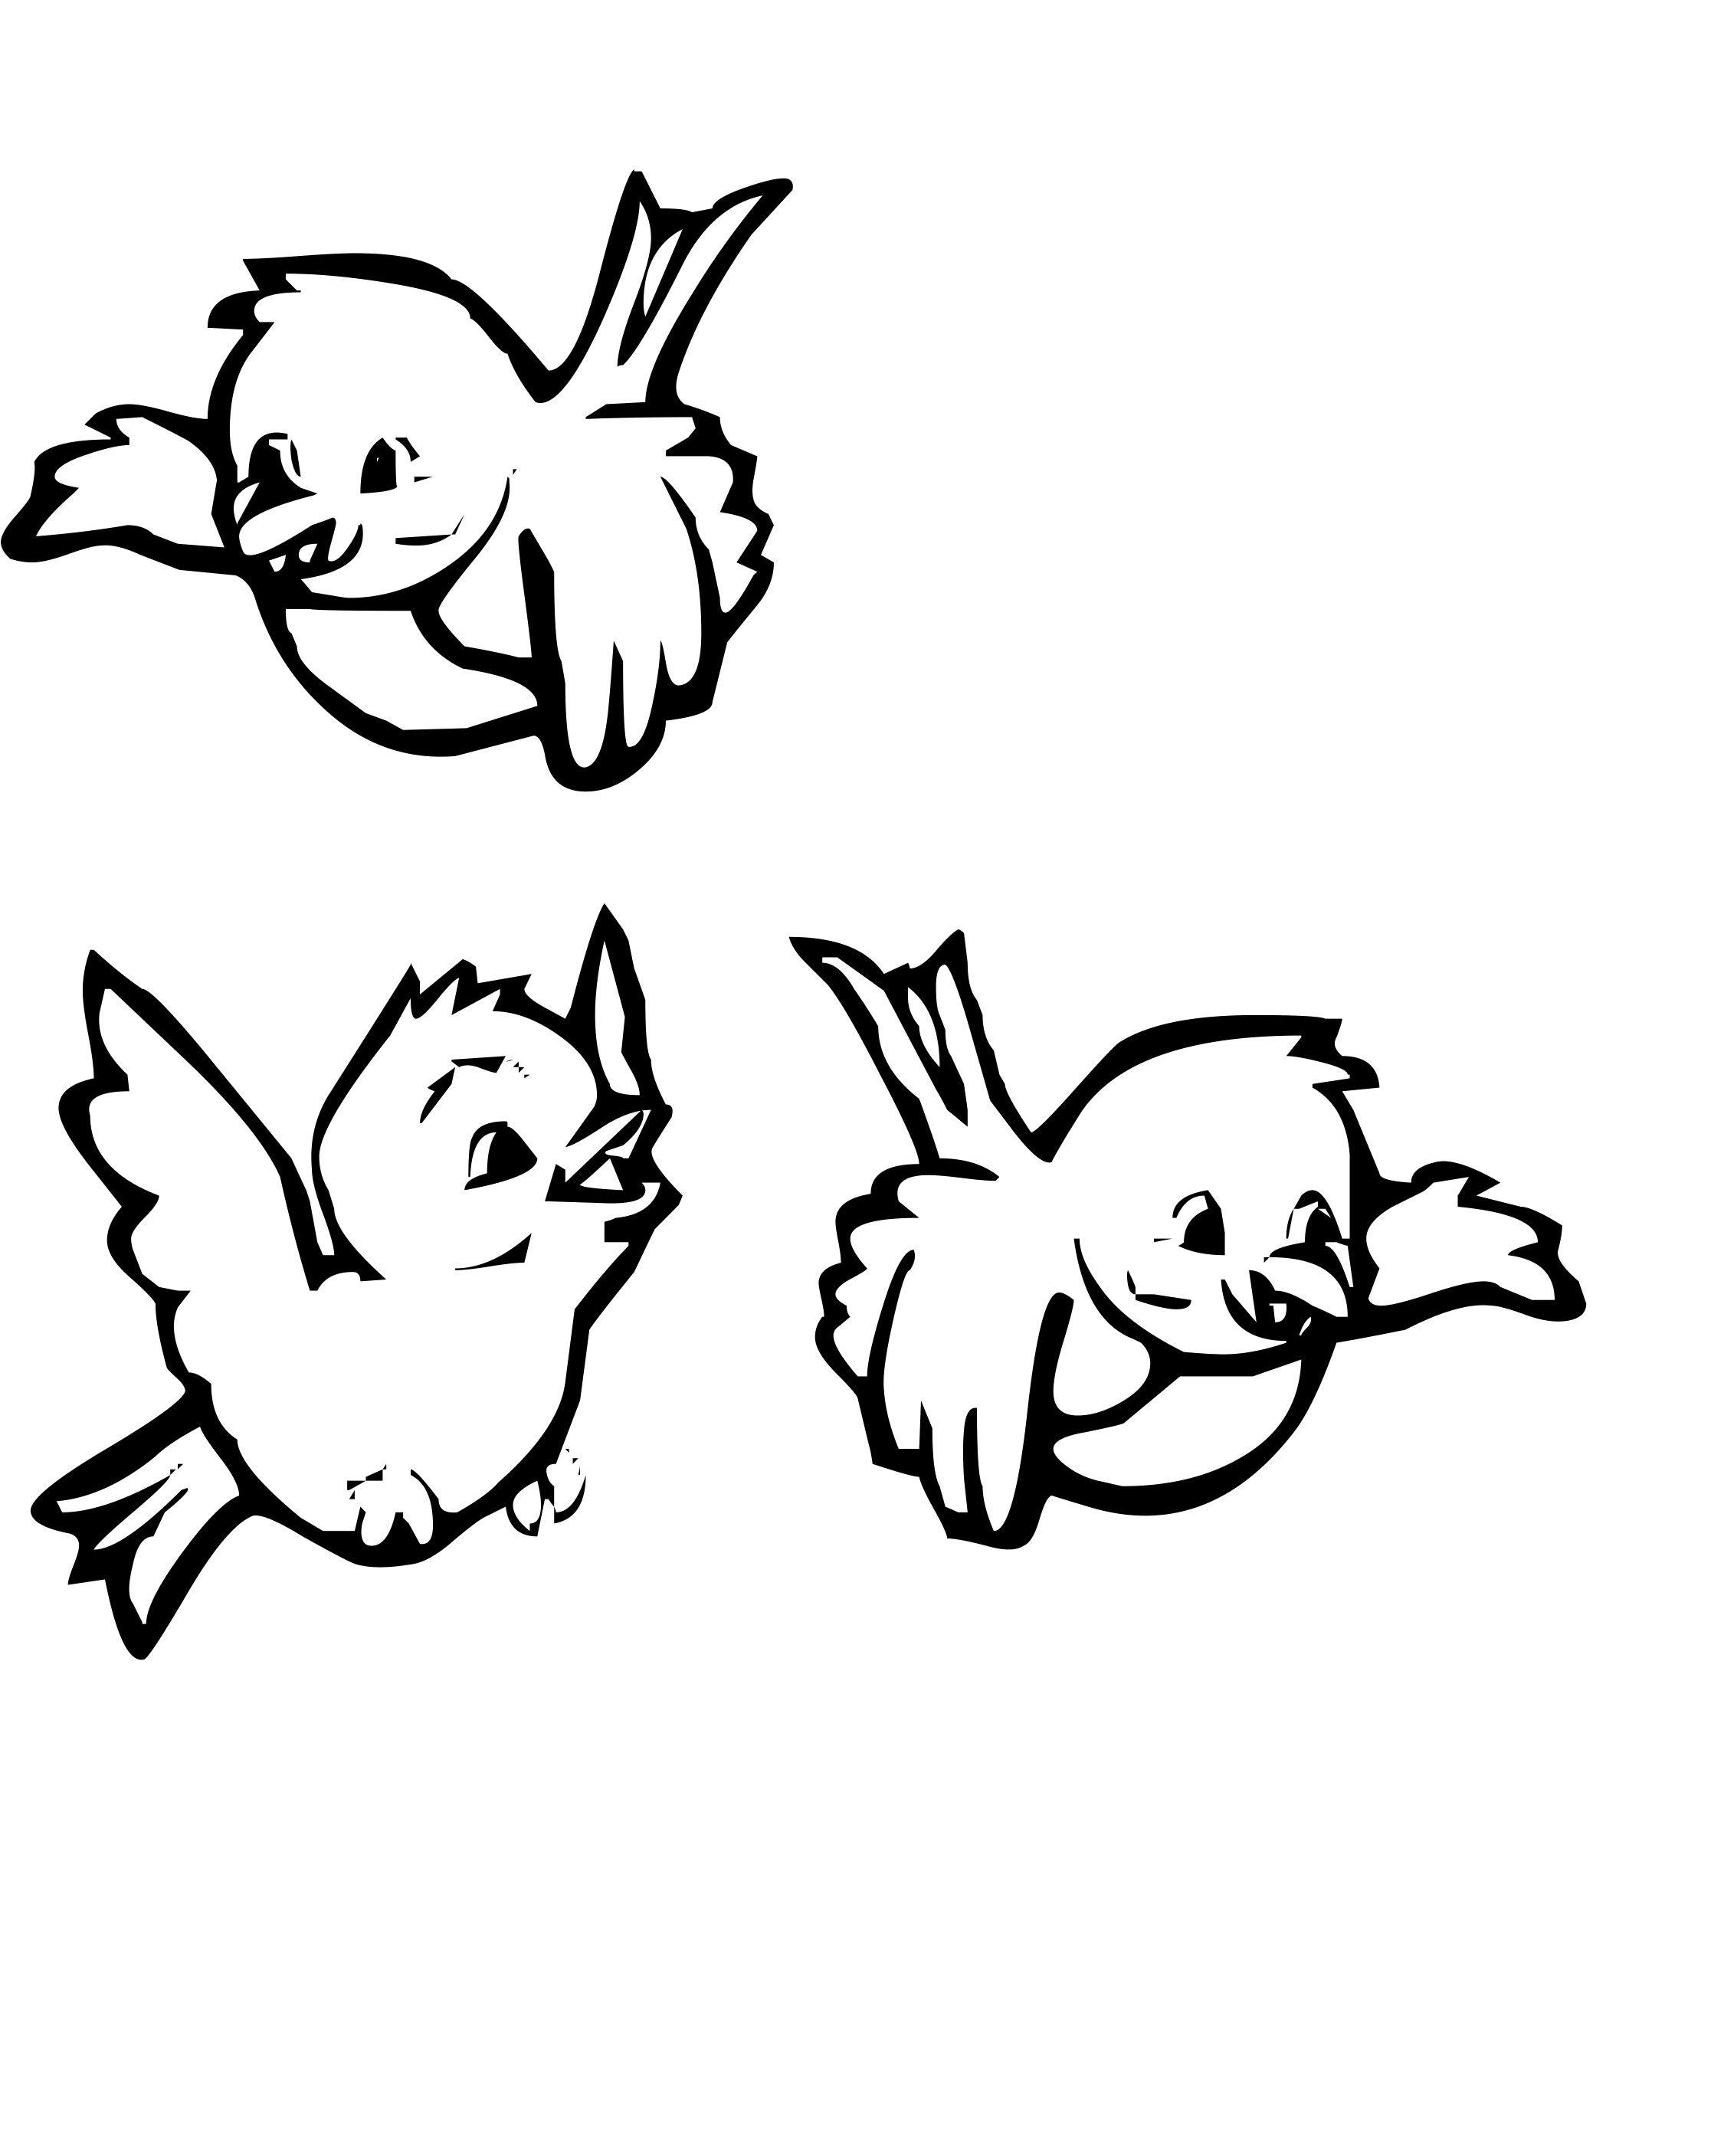 Tranh tô màu hình ba con chim con